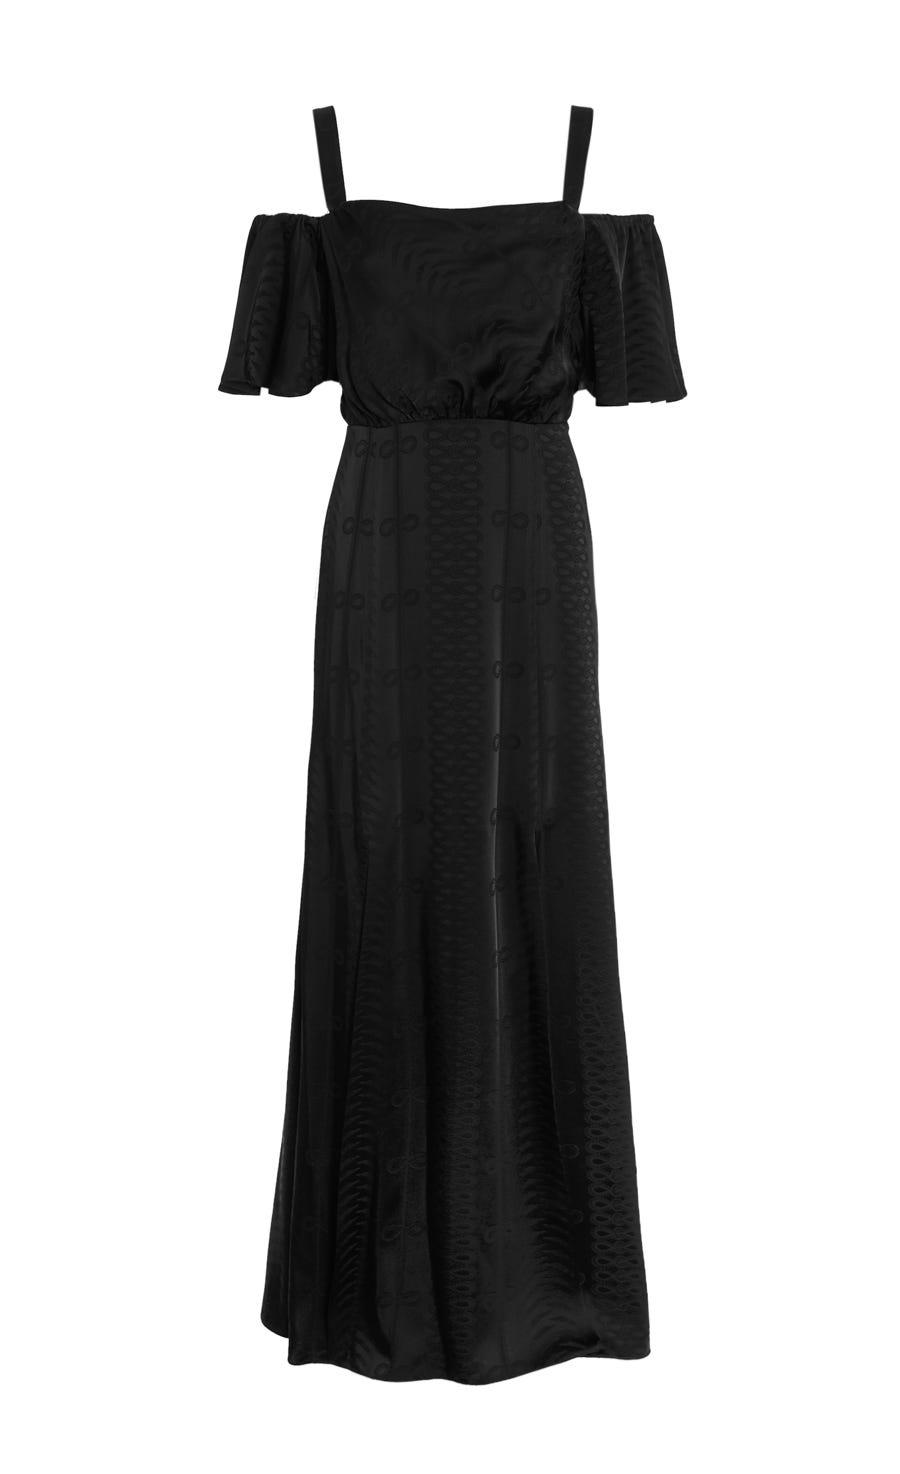 Erika Evening Dress